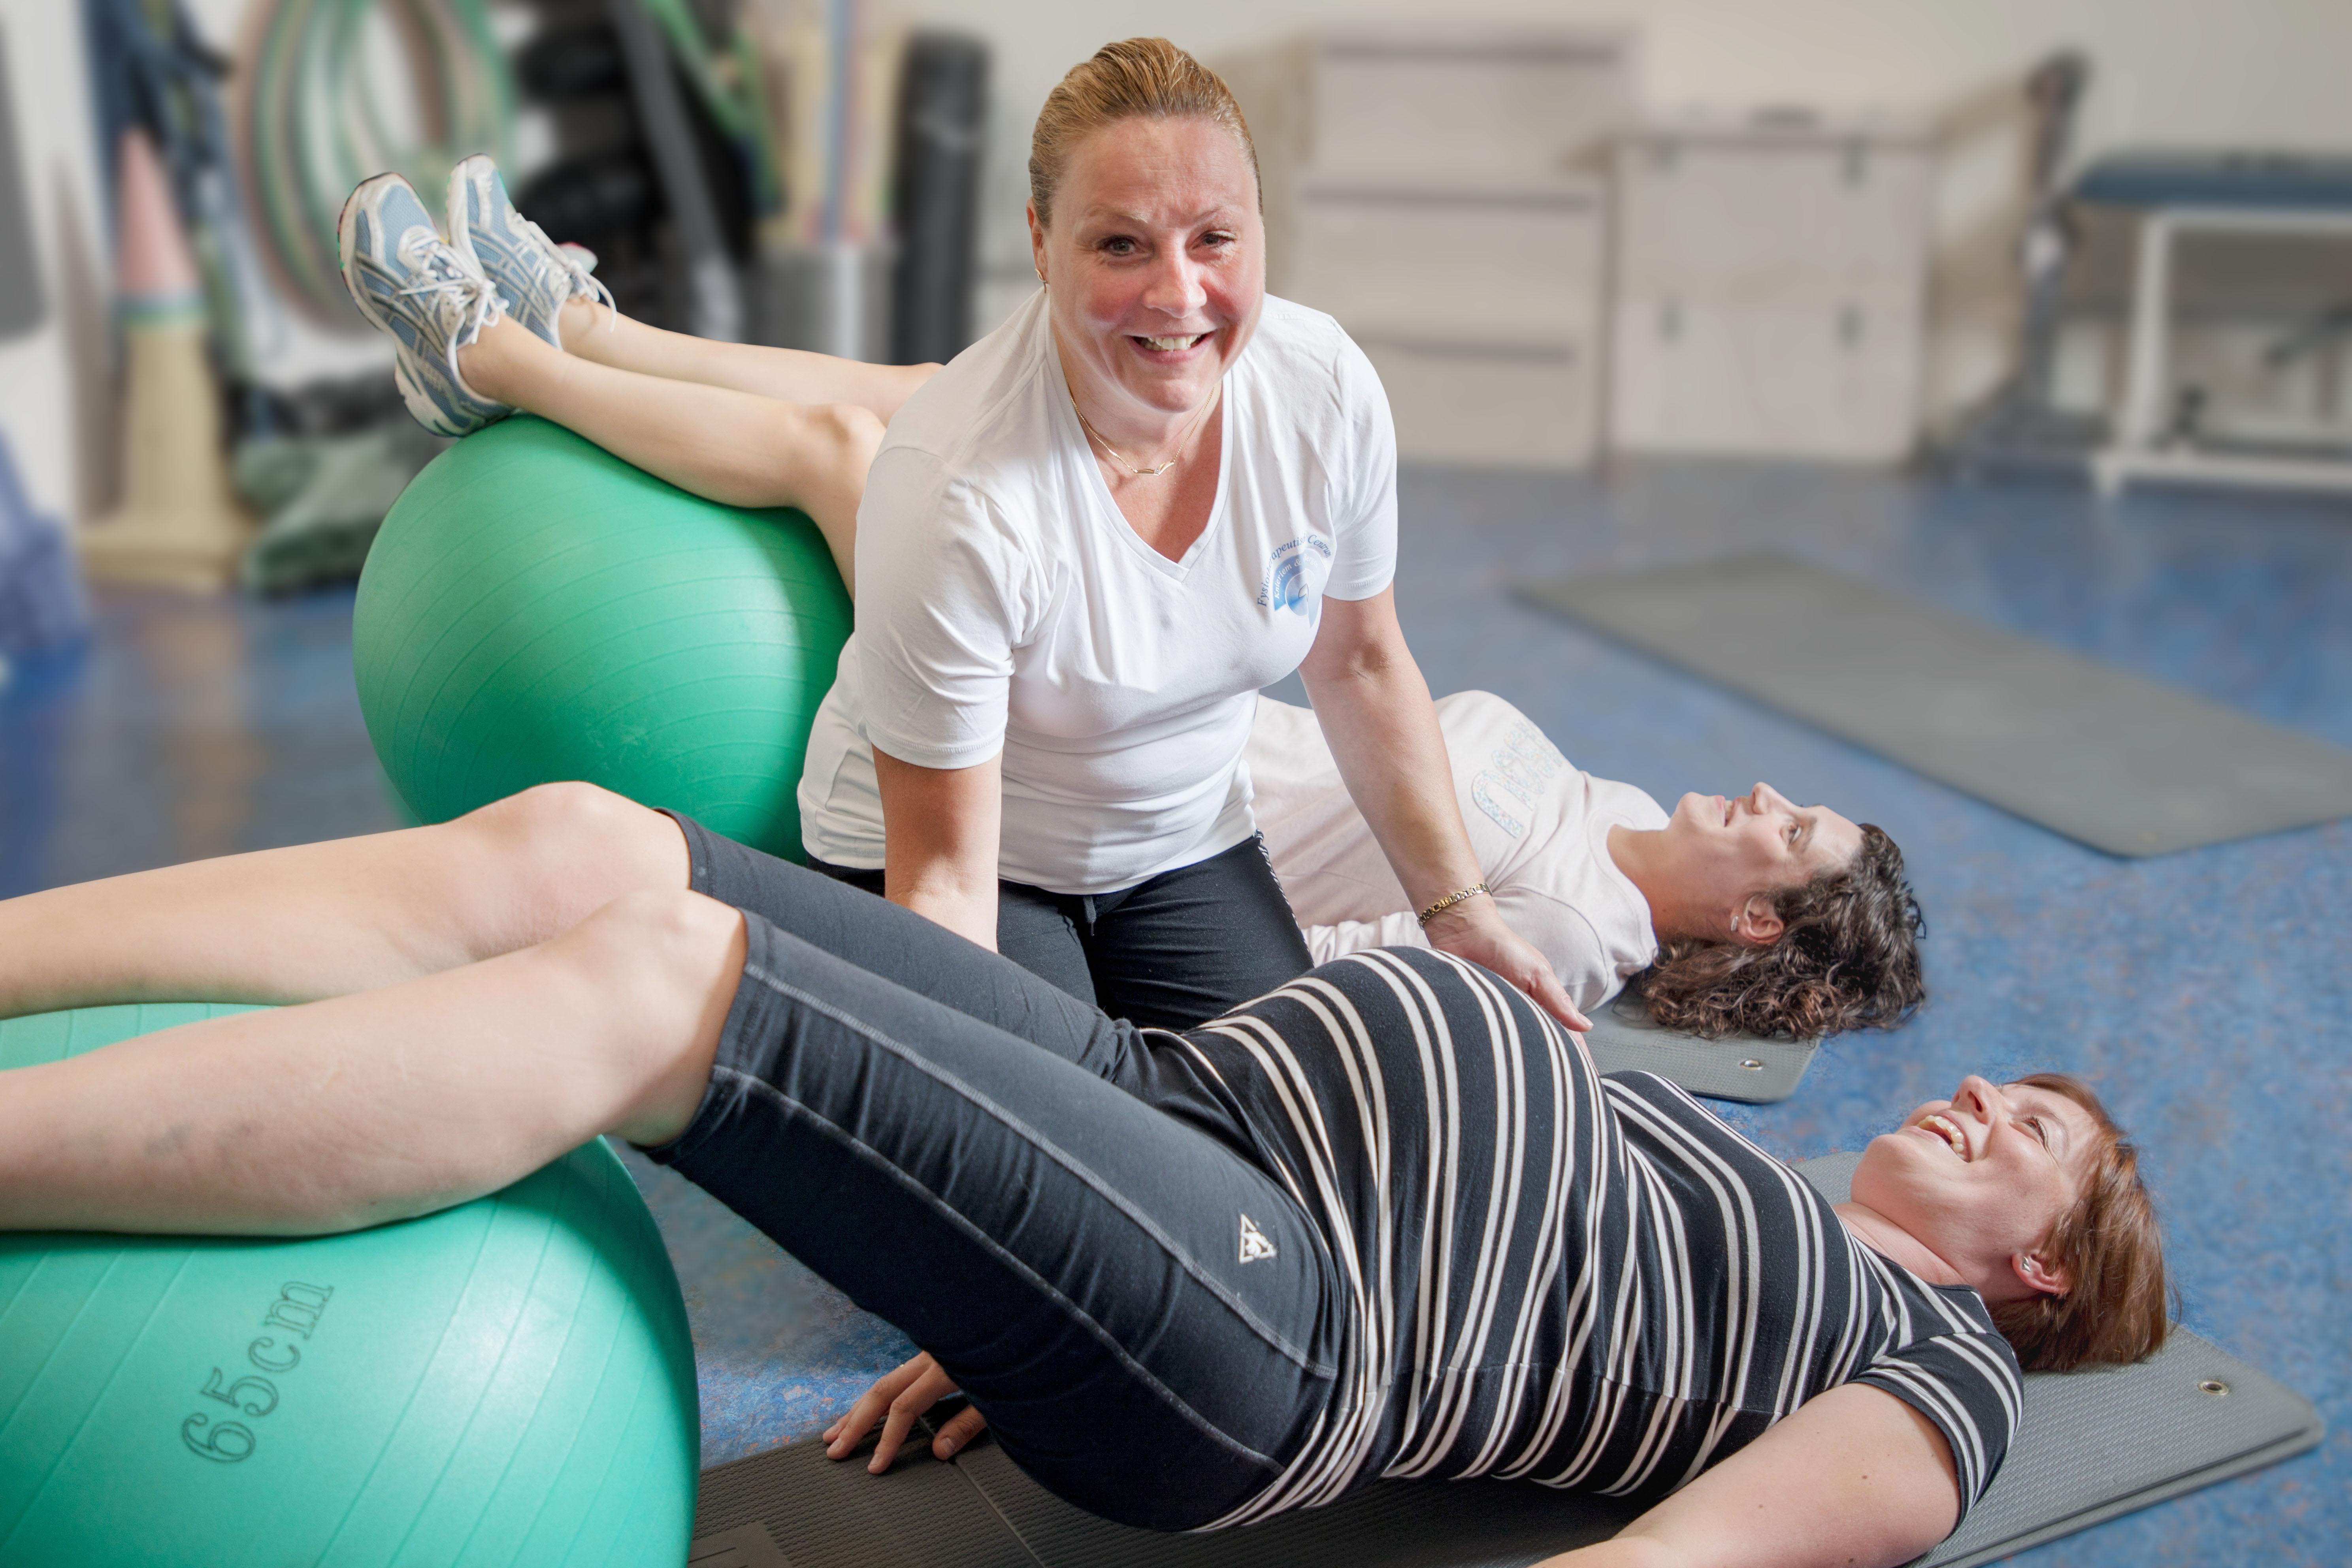 ZwangerFit-docent oefent met 2 zwangere vrouwen